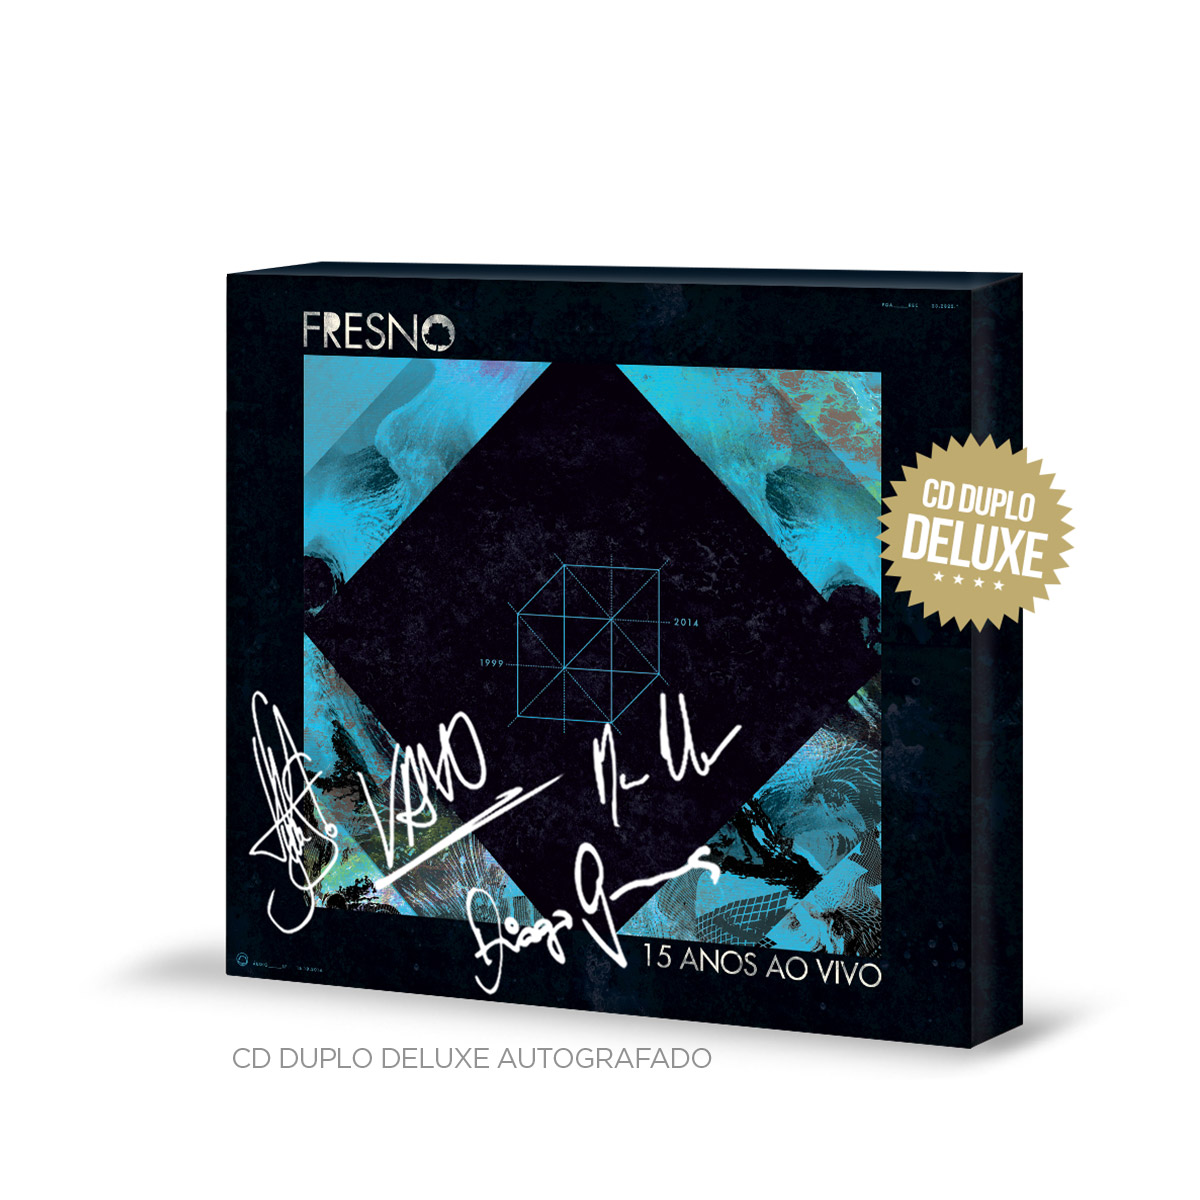 CD Duplo Deluxe + DVD Fresno 15 Anos ao Vivo AUTOGRAFADOS + Pôster GRÁTIS